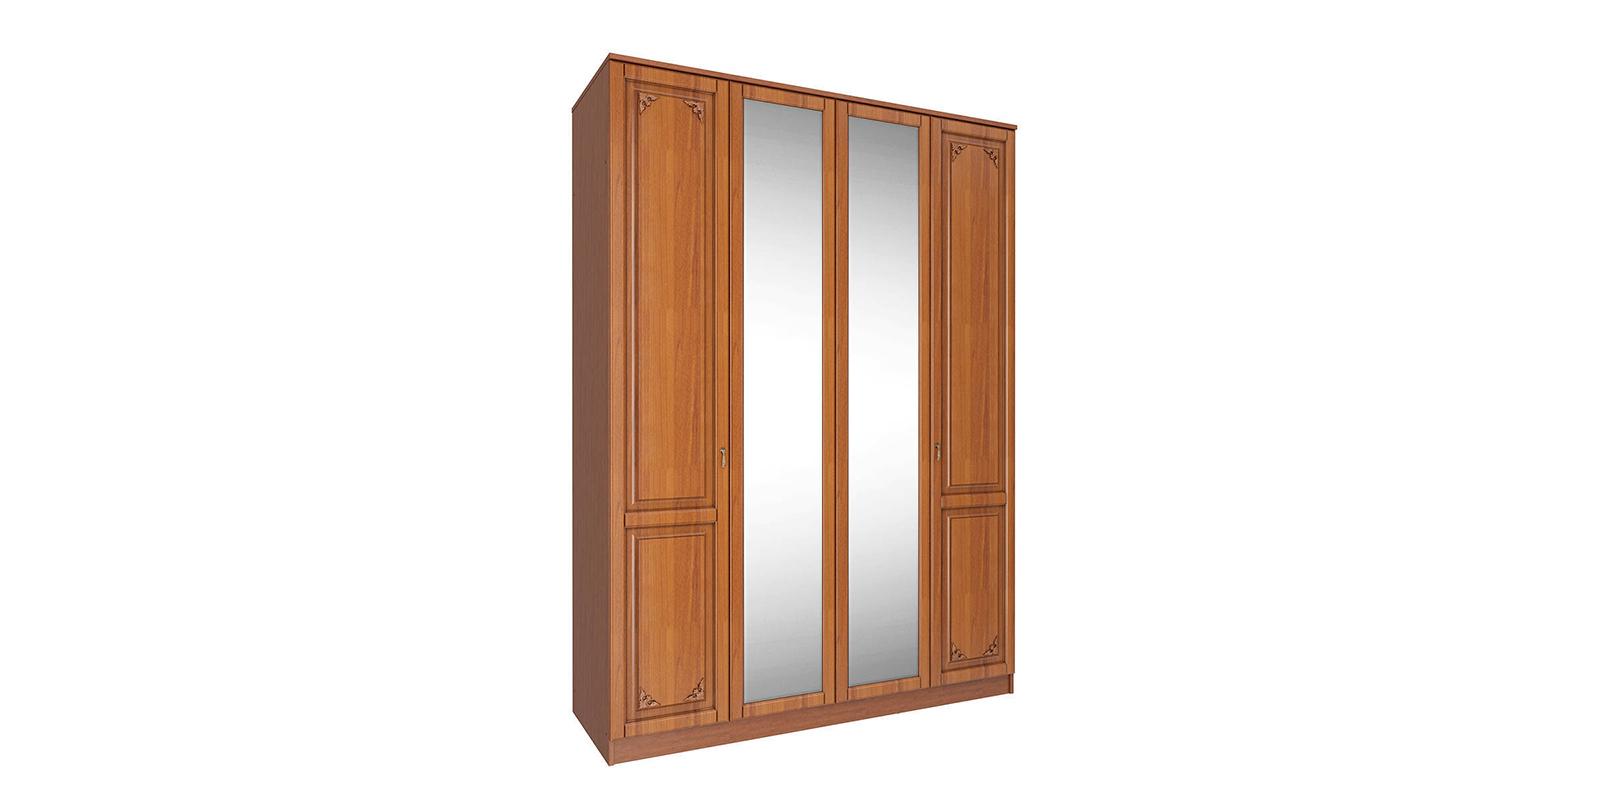 Шкаф распашной 4-х дверный Варна (итальянский орех)